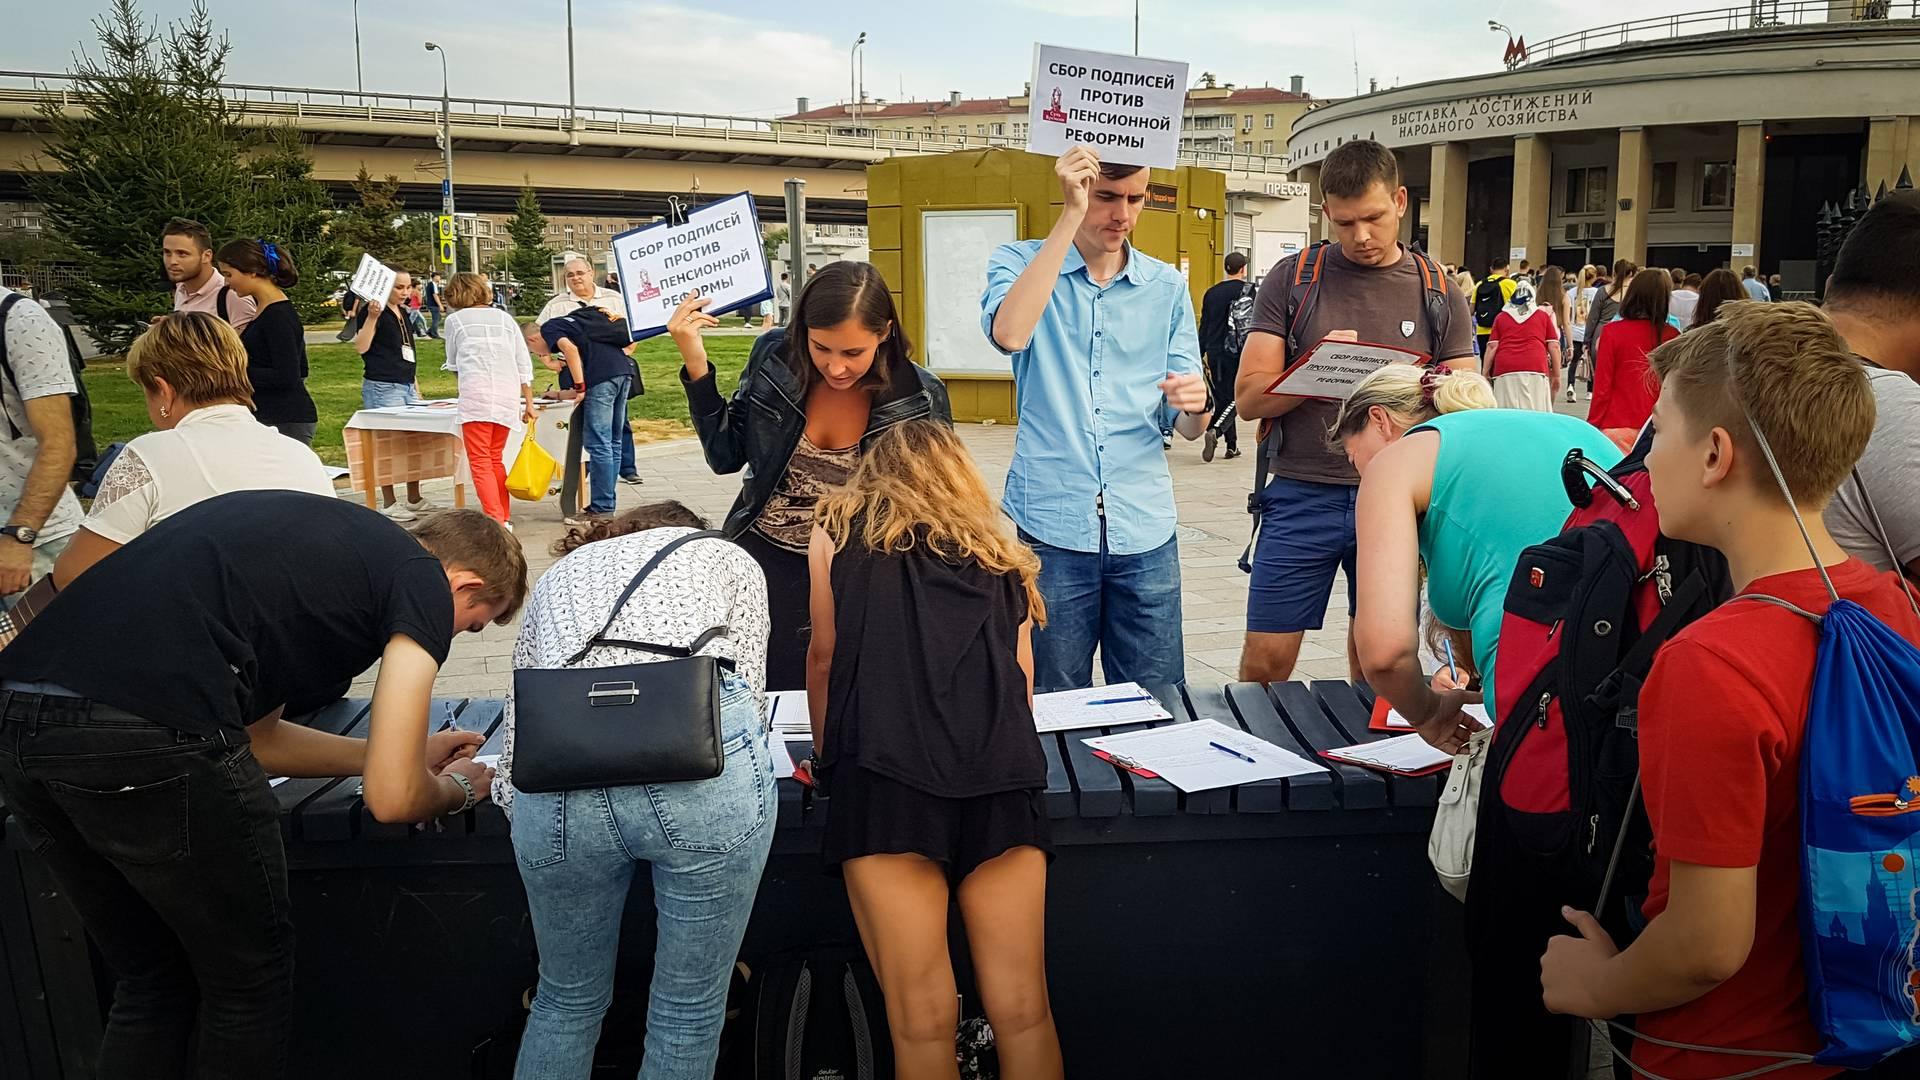 Сбор подписей против пенсионной реформы в Москве. 2 сентября 2018 г.